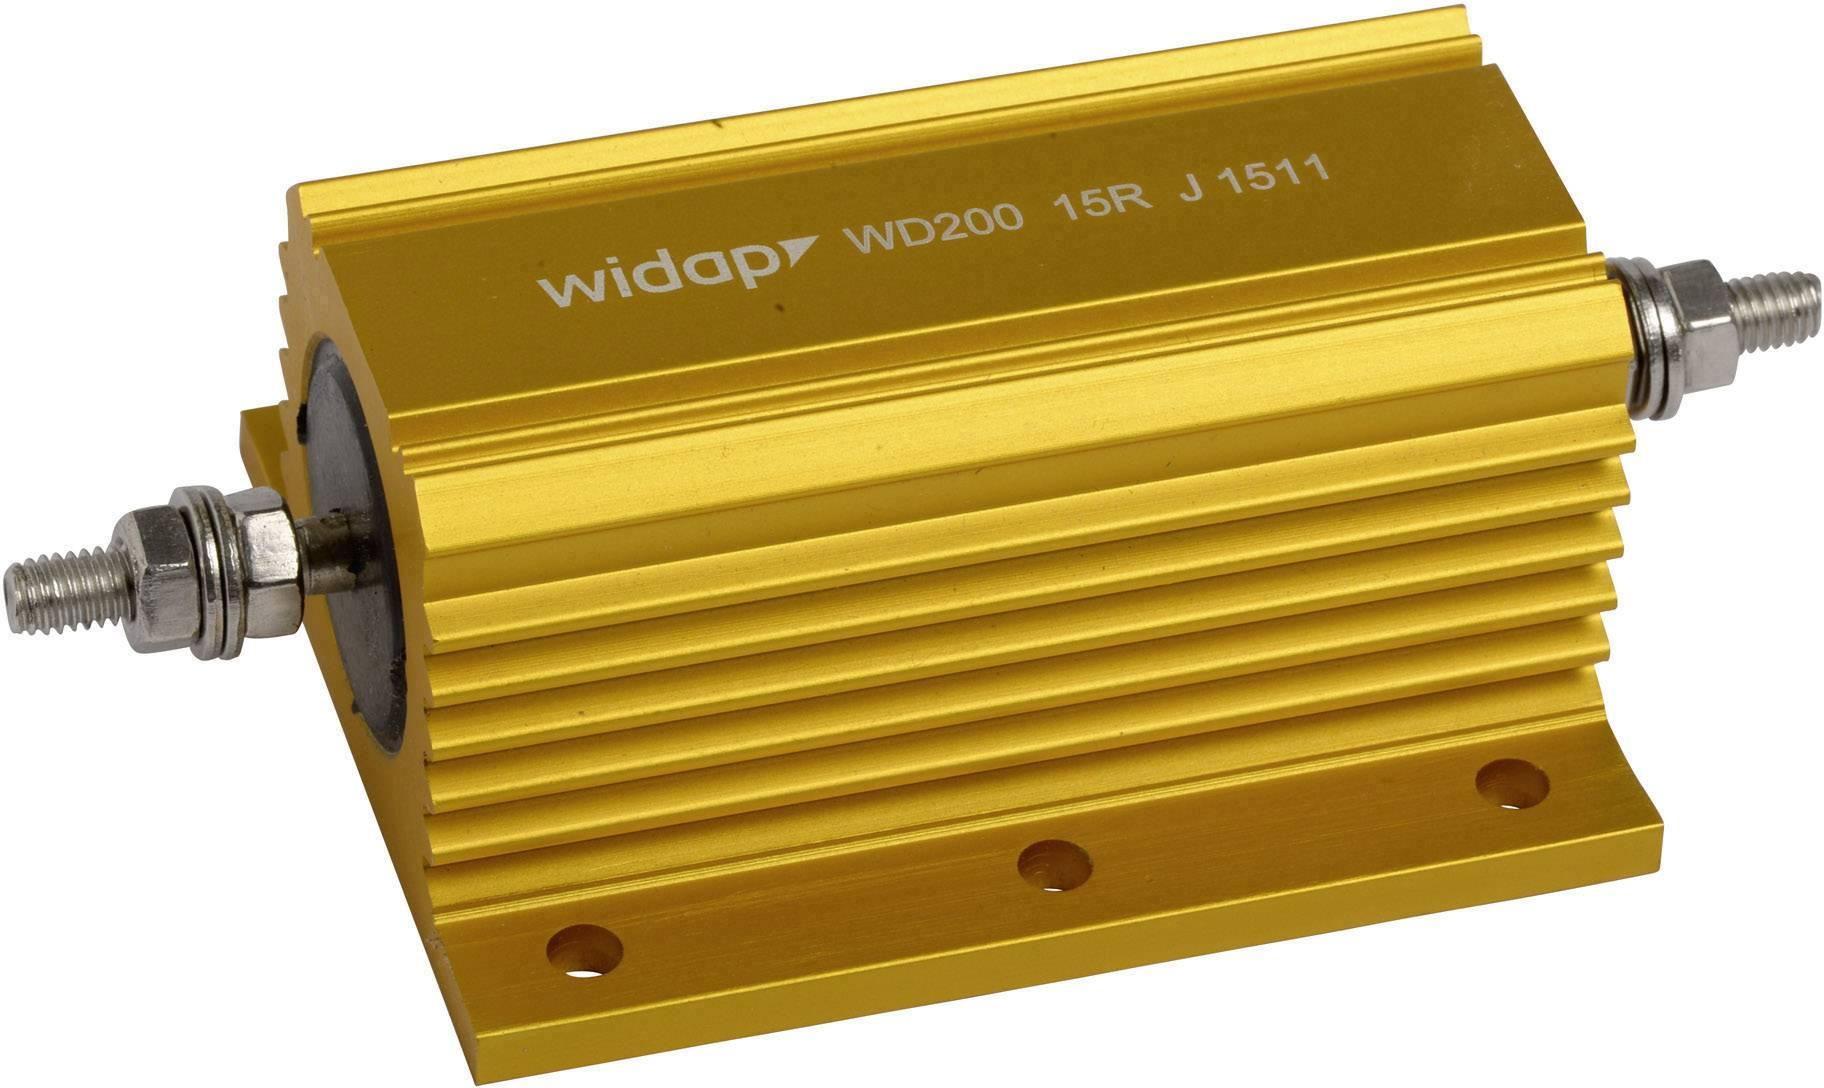 Drátový rezistor Widap 160155, hodnota odporu 68 Ohm, v pouzdře, 200 W, 1 ks